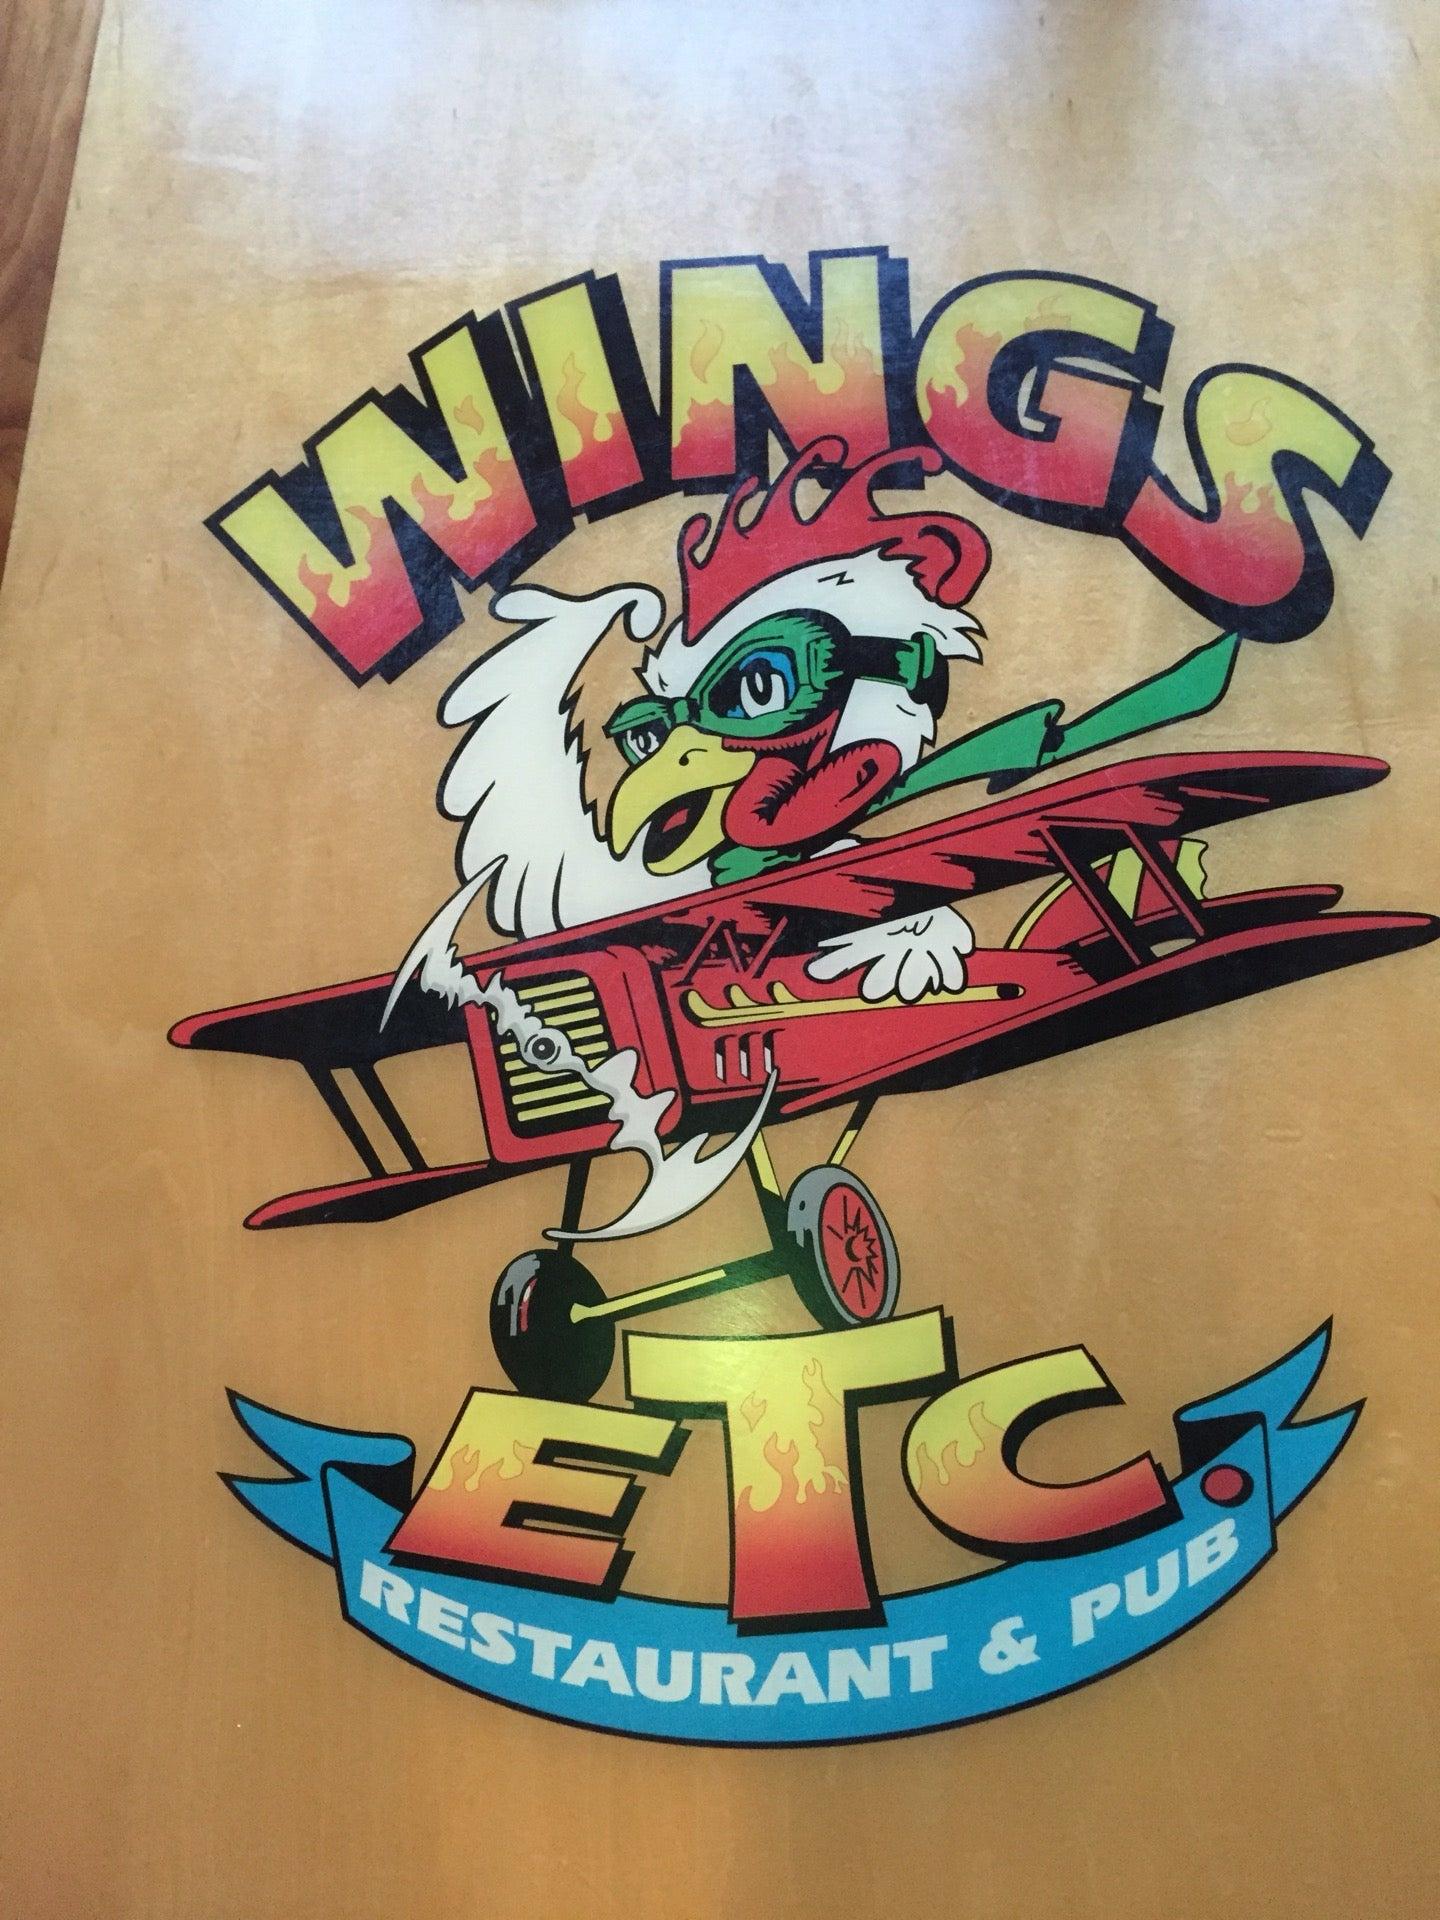 WINGS ETC, beer, hdtv, ribs, sports,wings